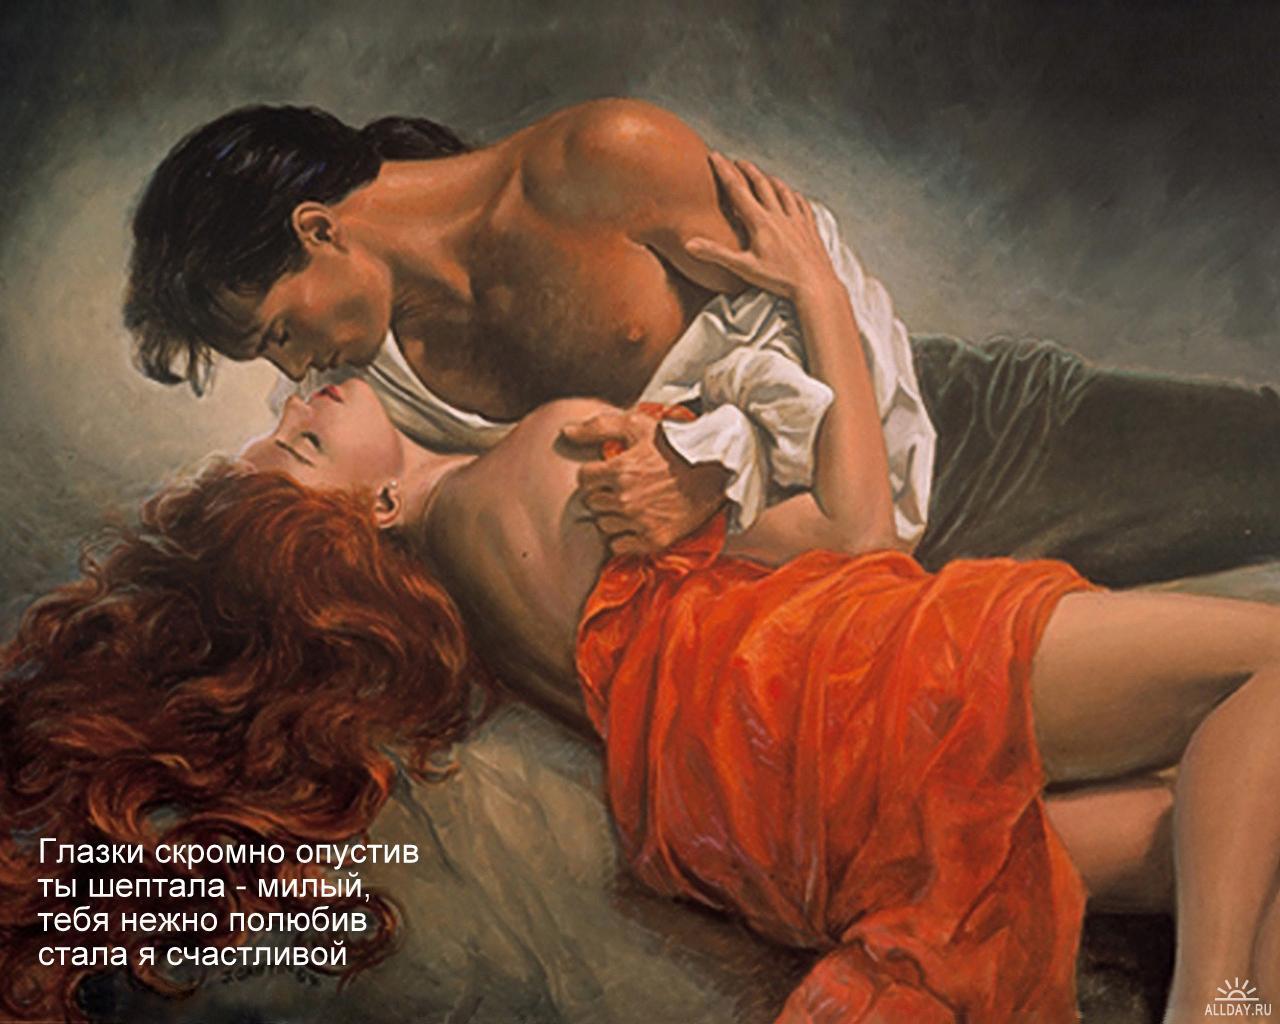 Сексуальные фантазиии в стихах